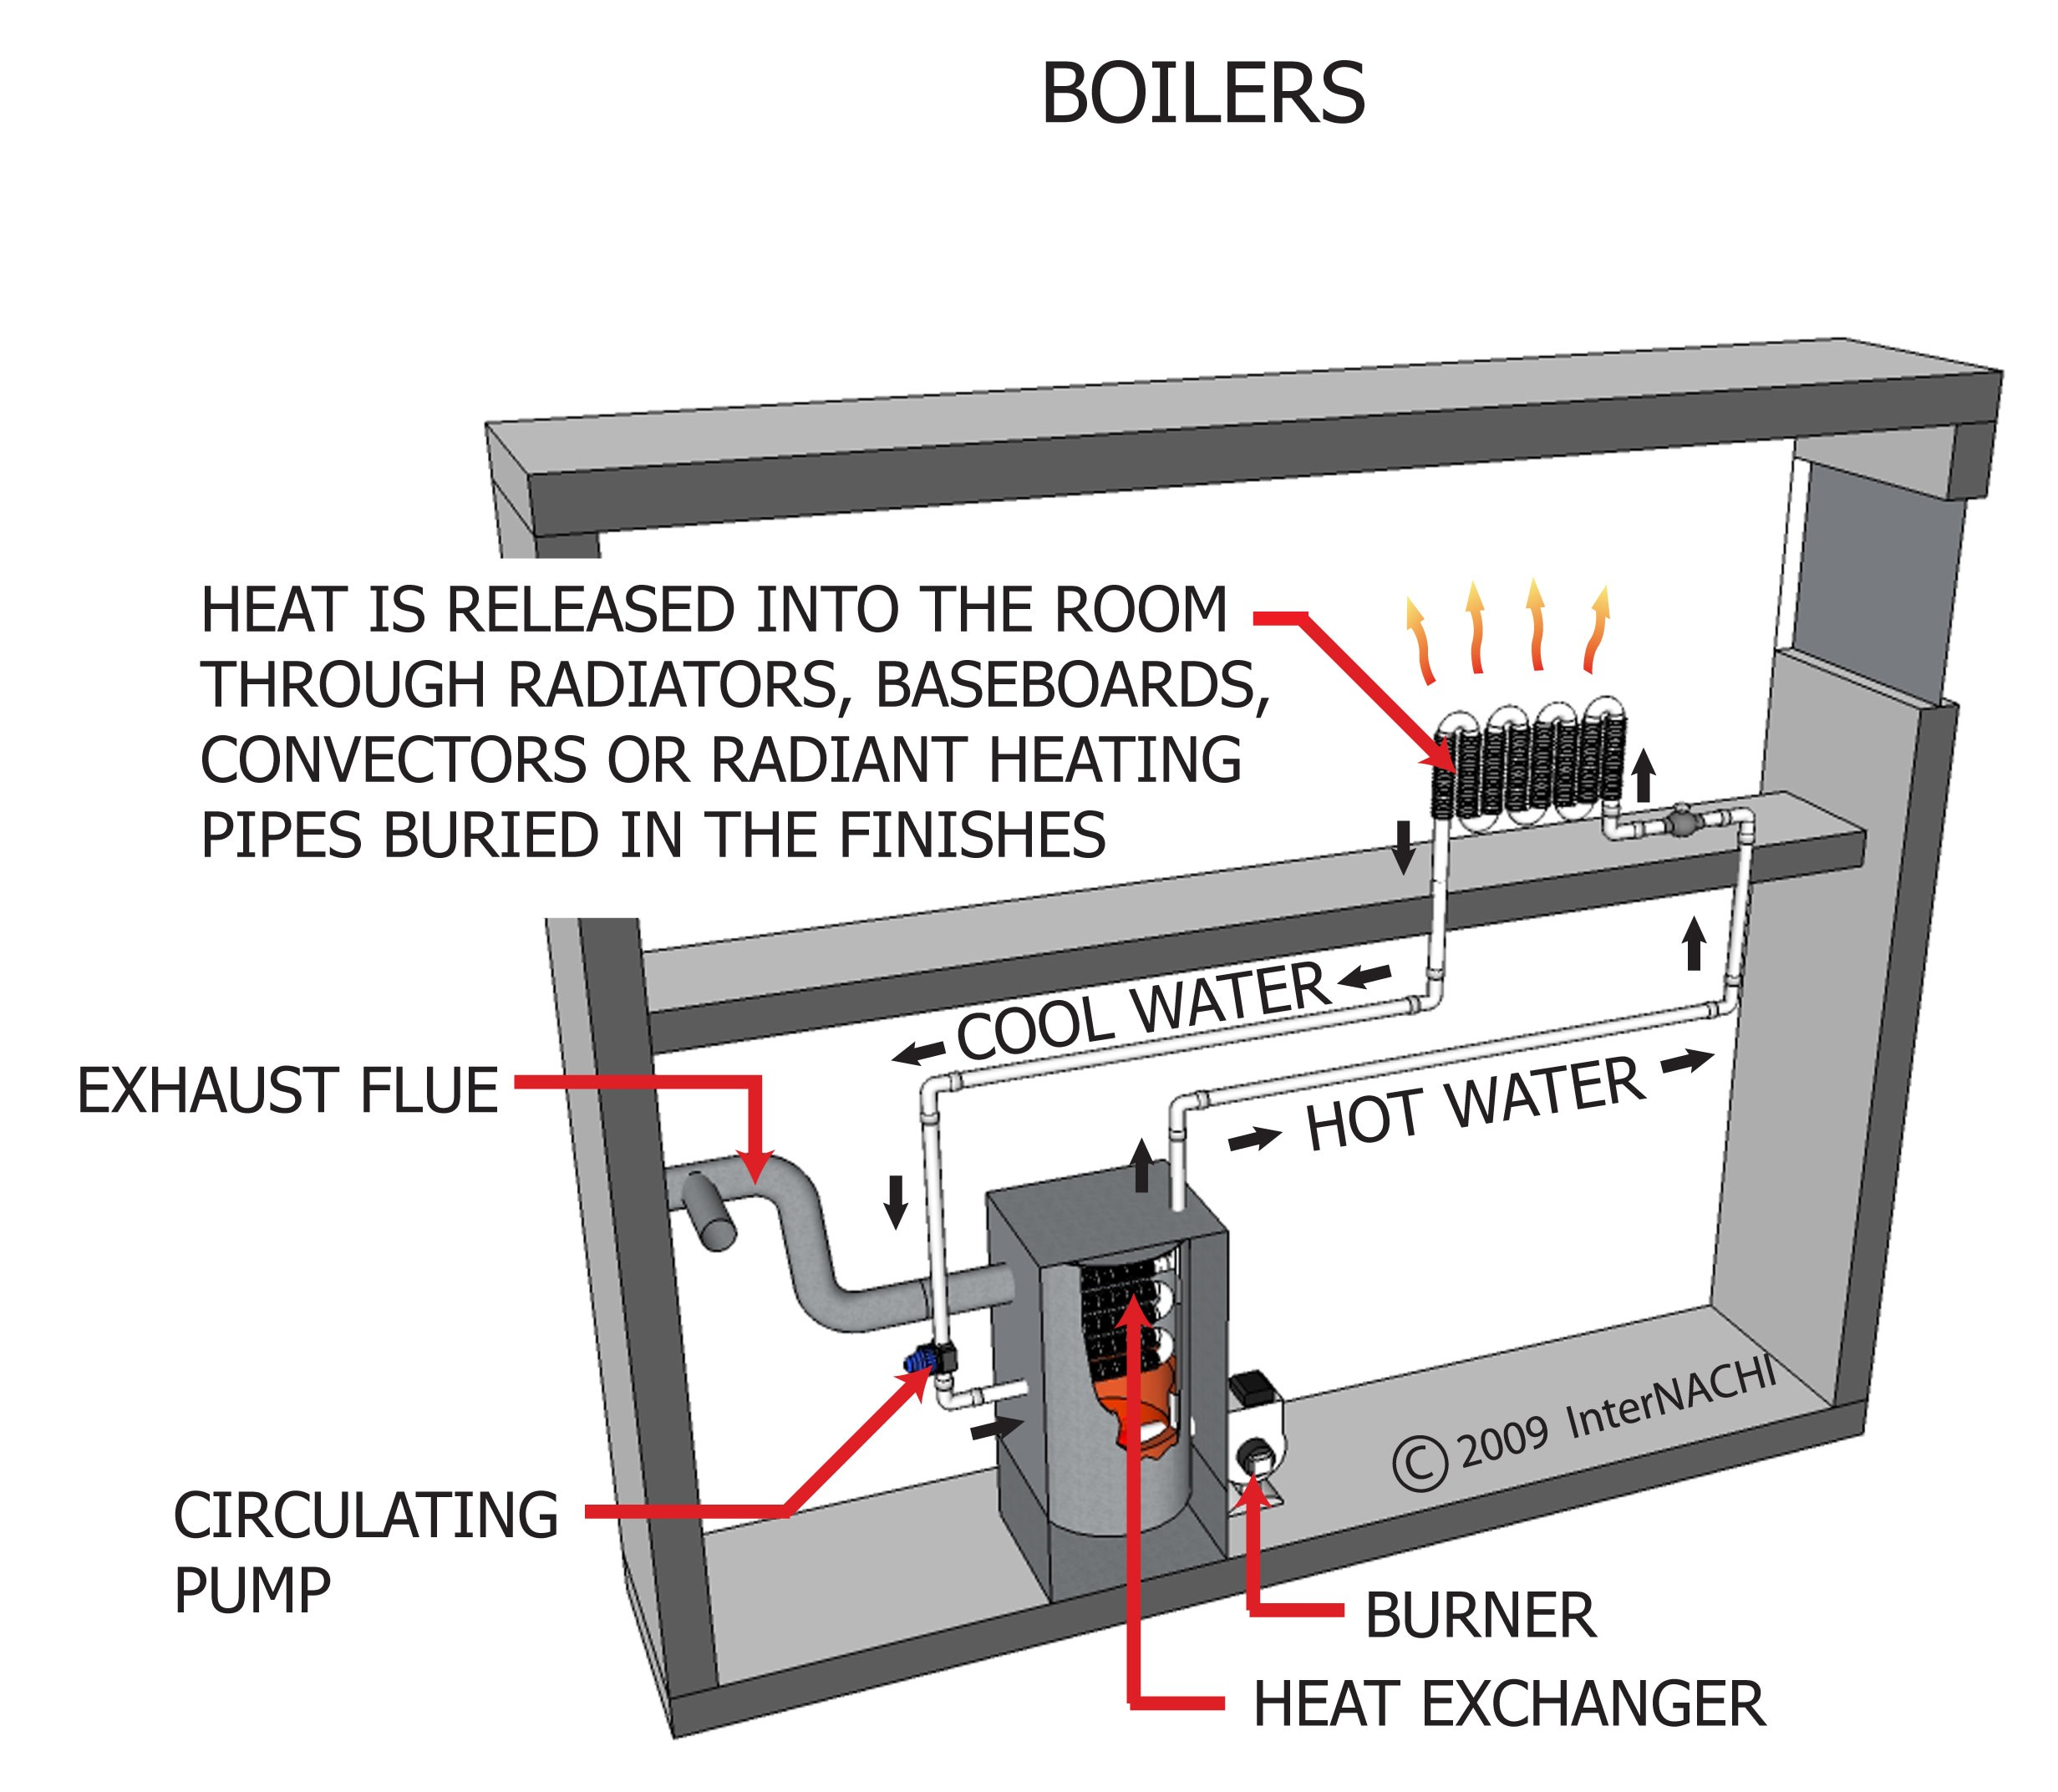 Boilers.